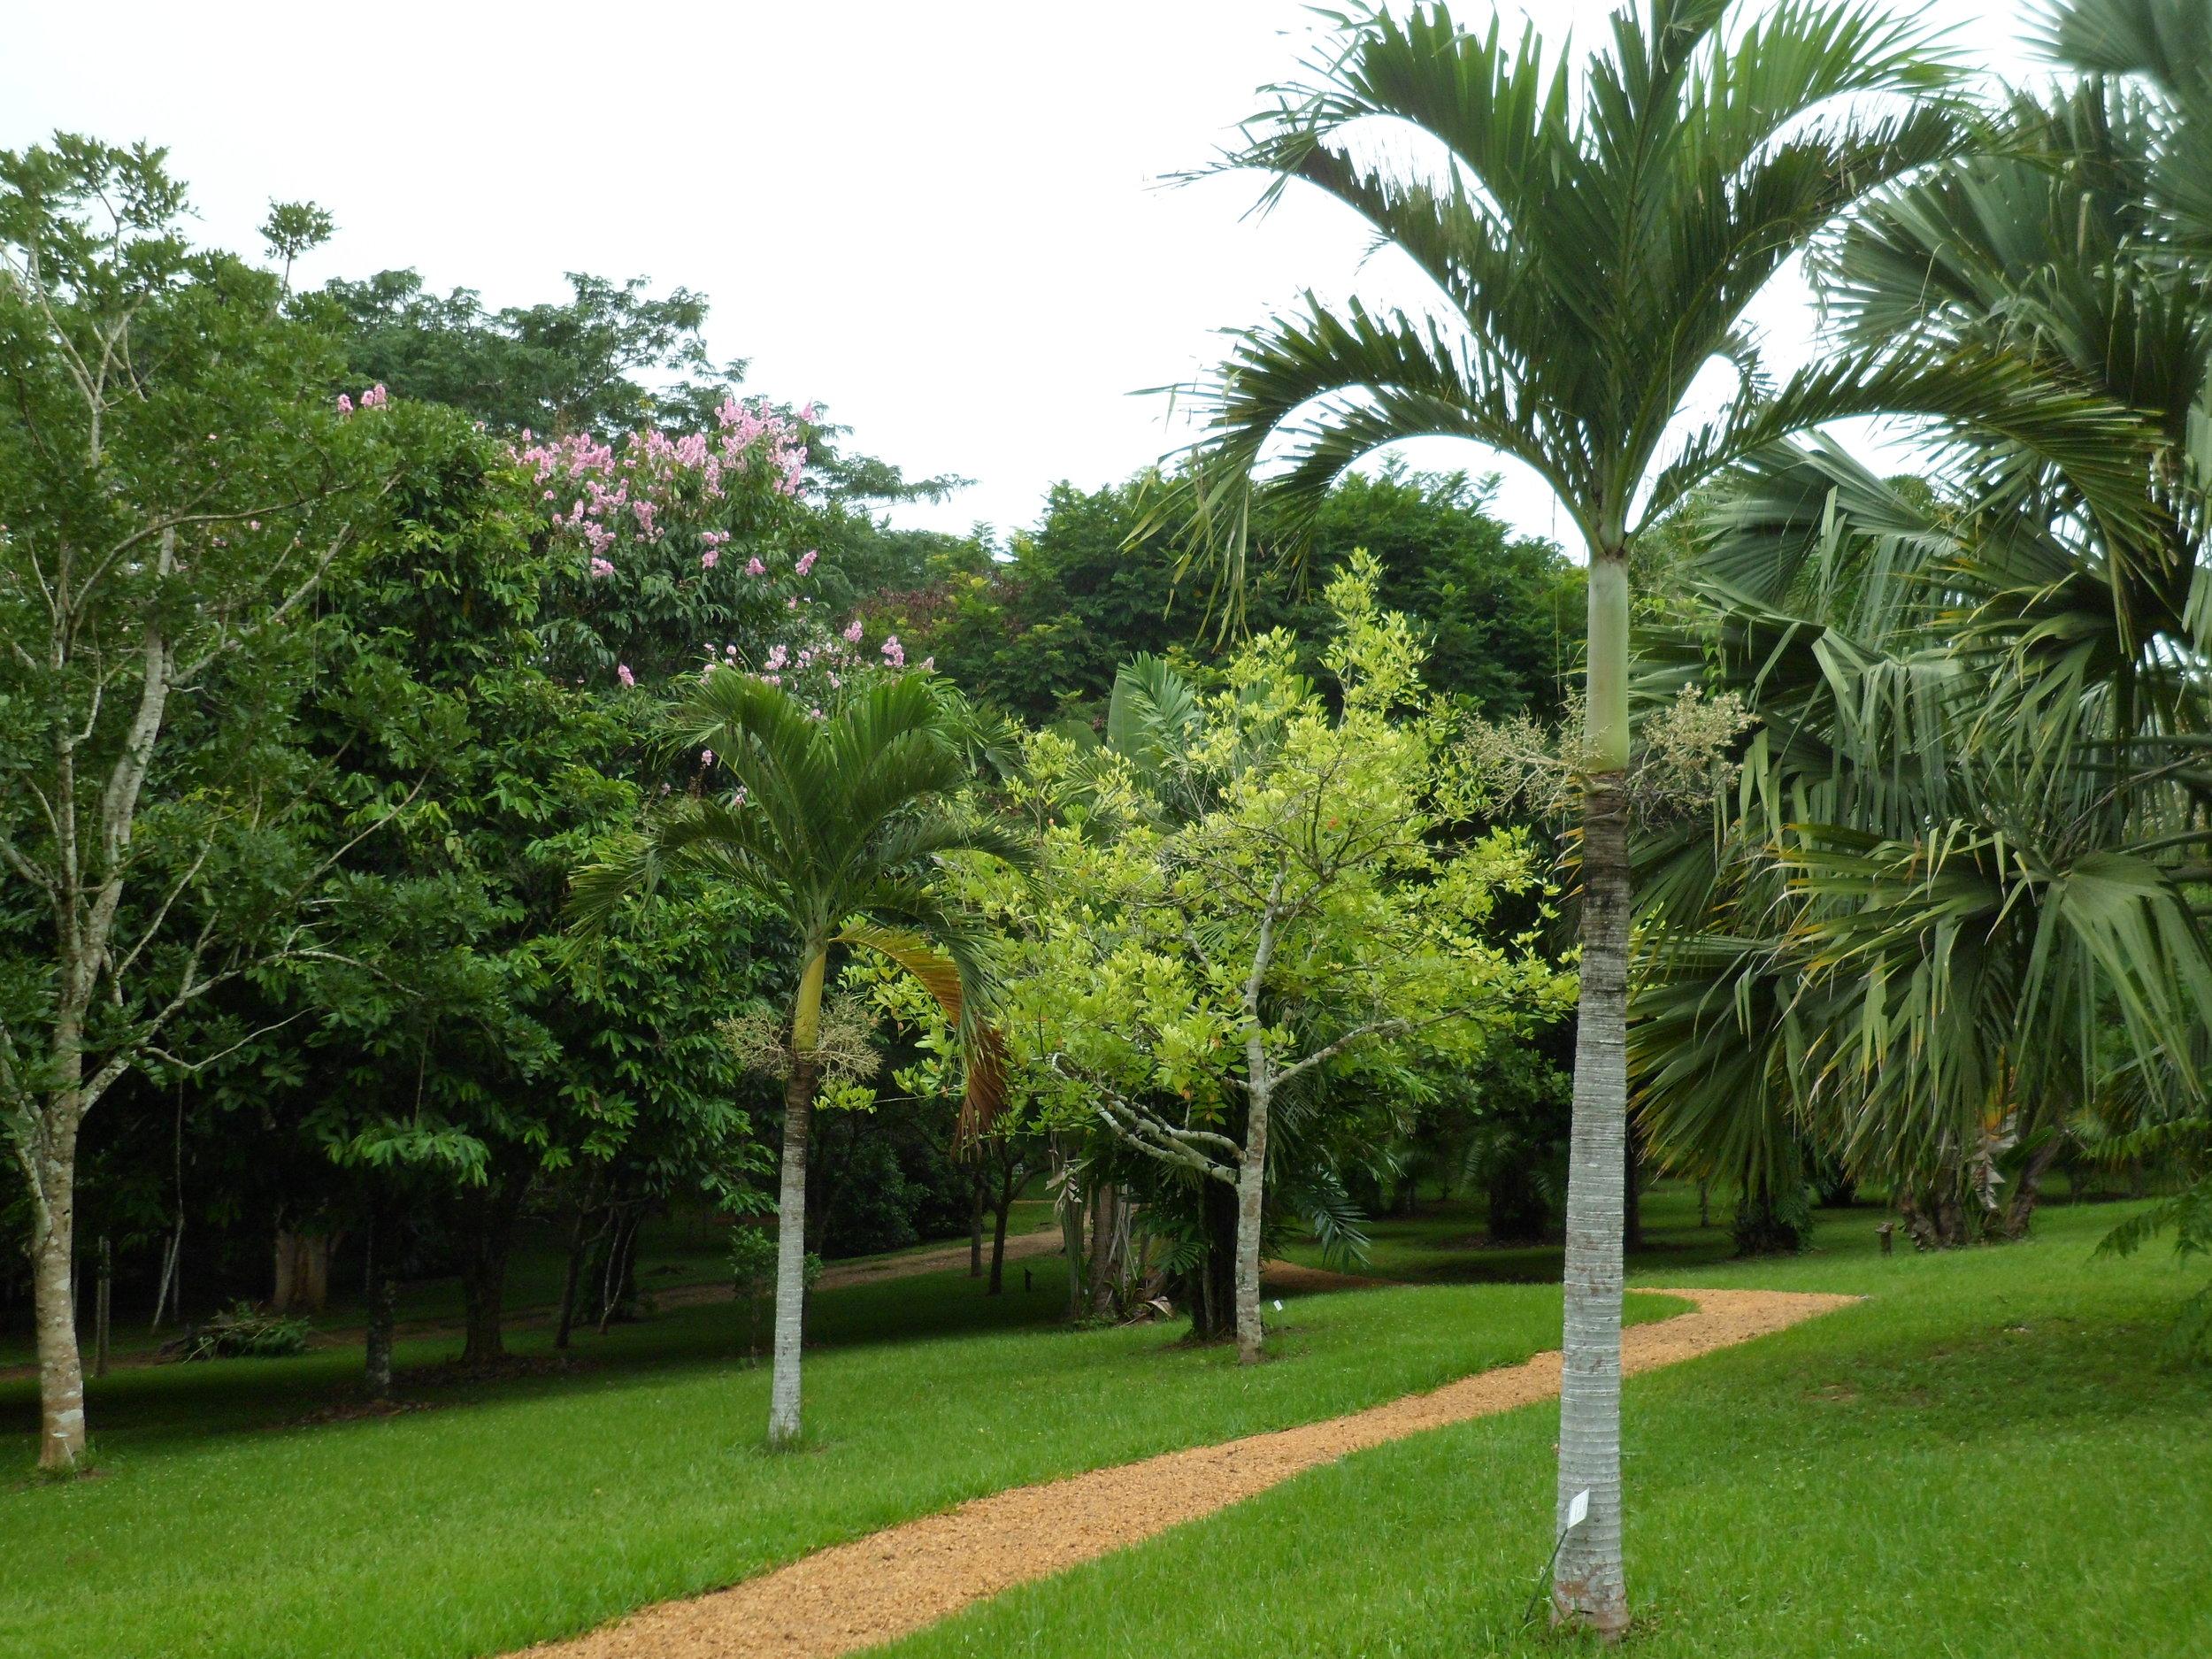 Jardin Botanico de Belice (7).JPG